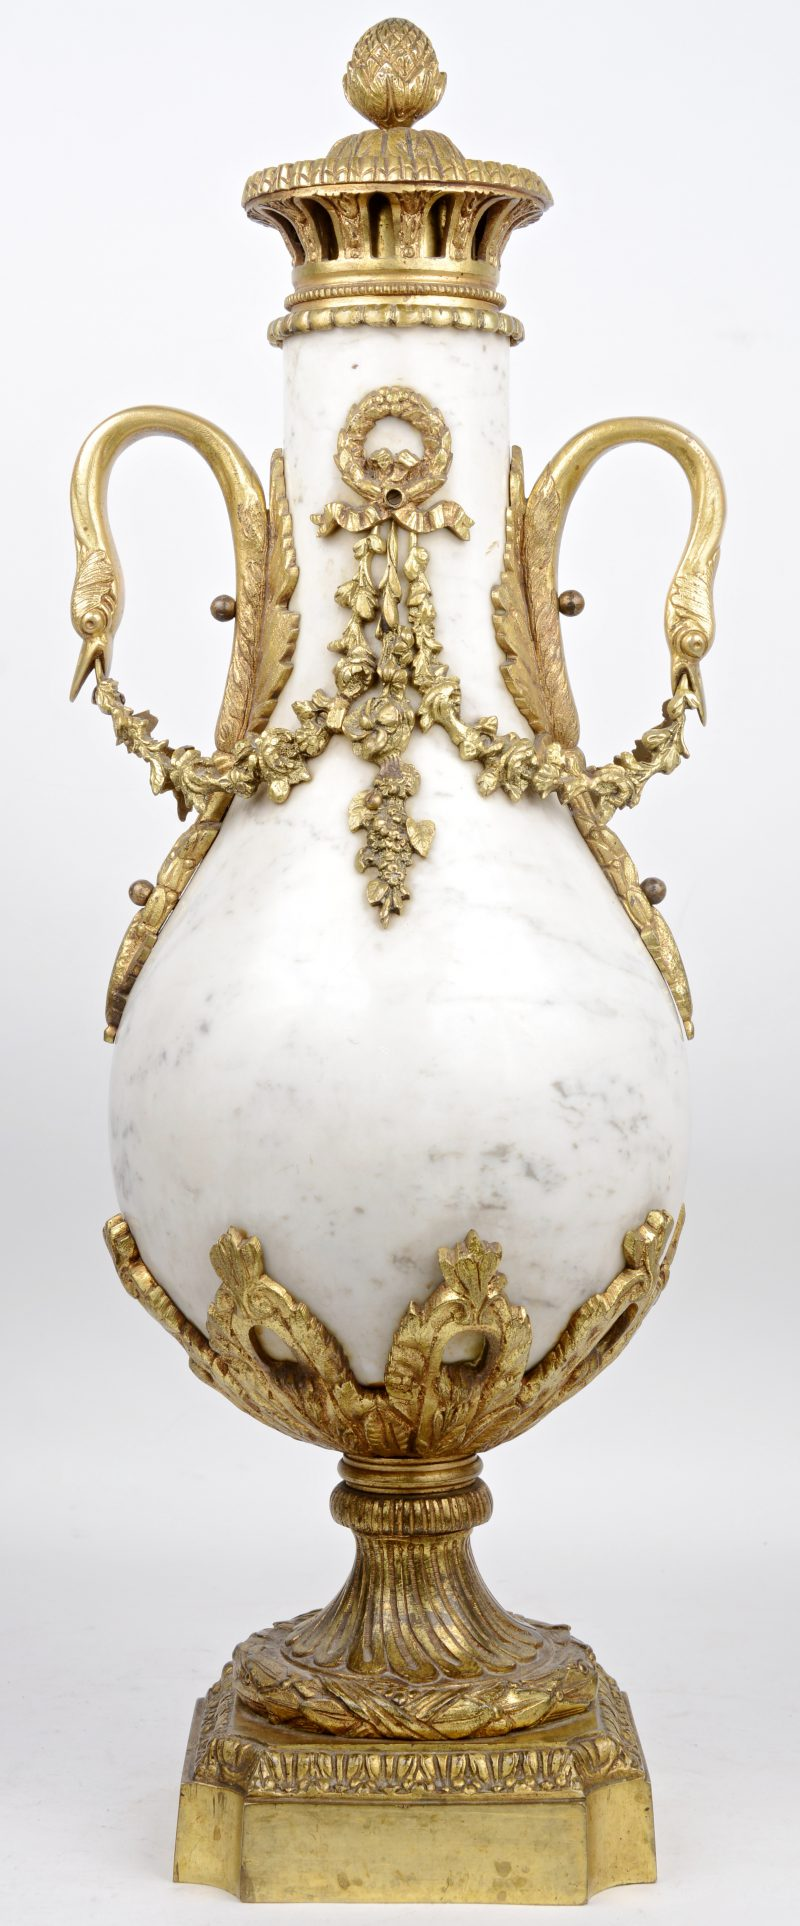 Een marmeren cassolette, versierd met bronsbeslag.